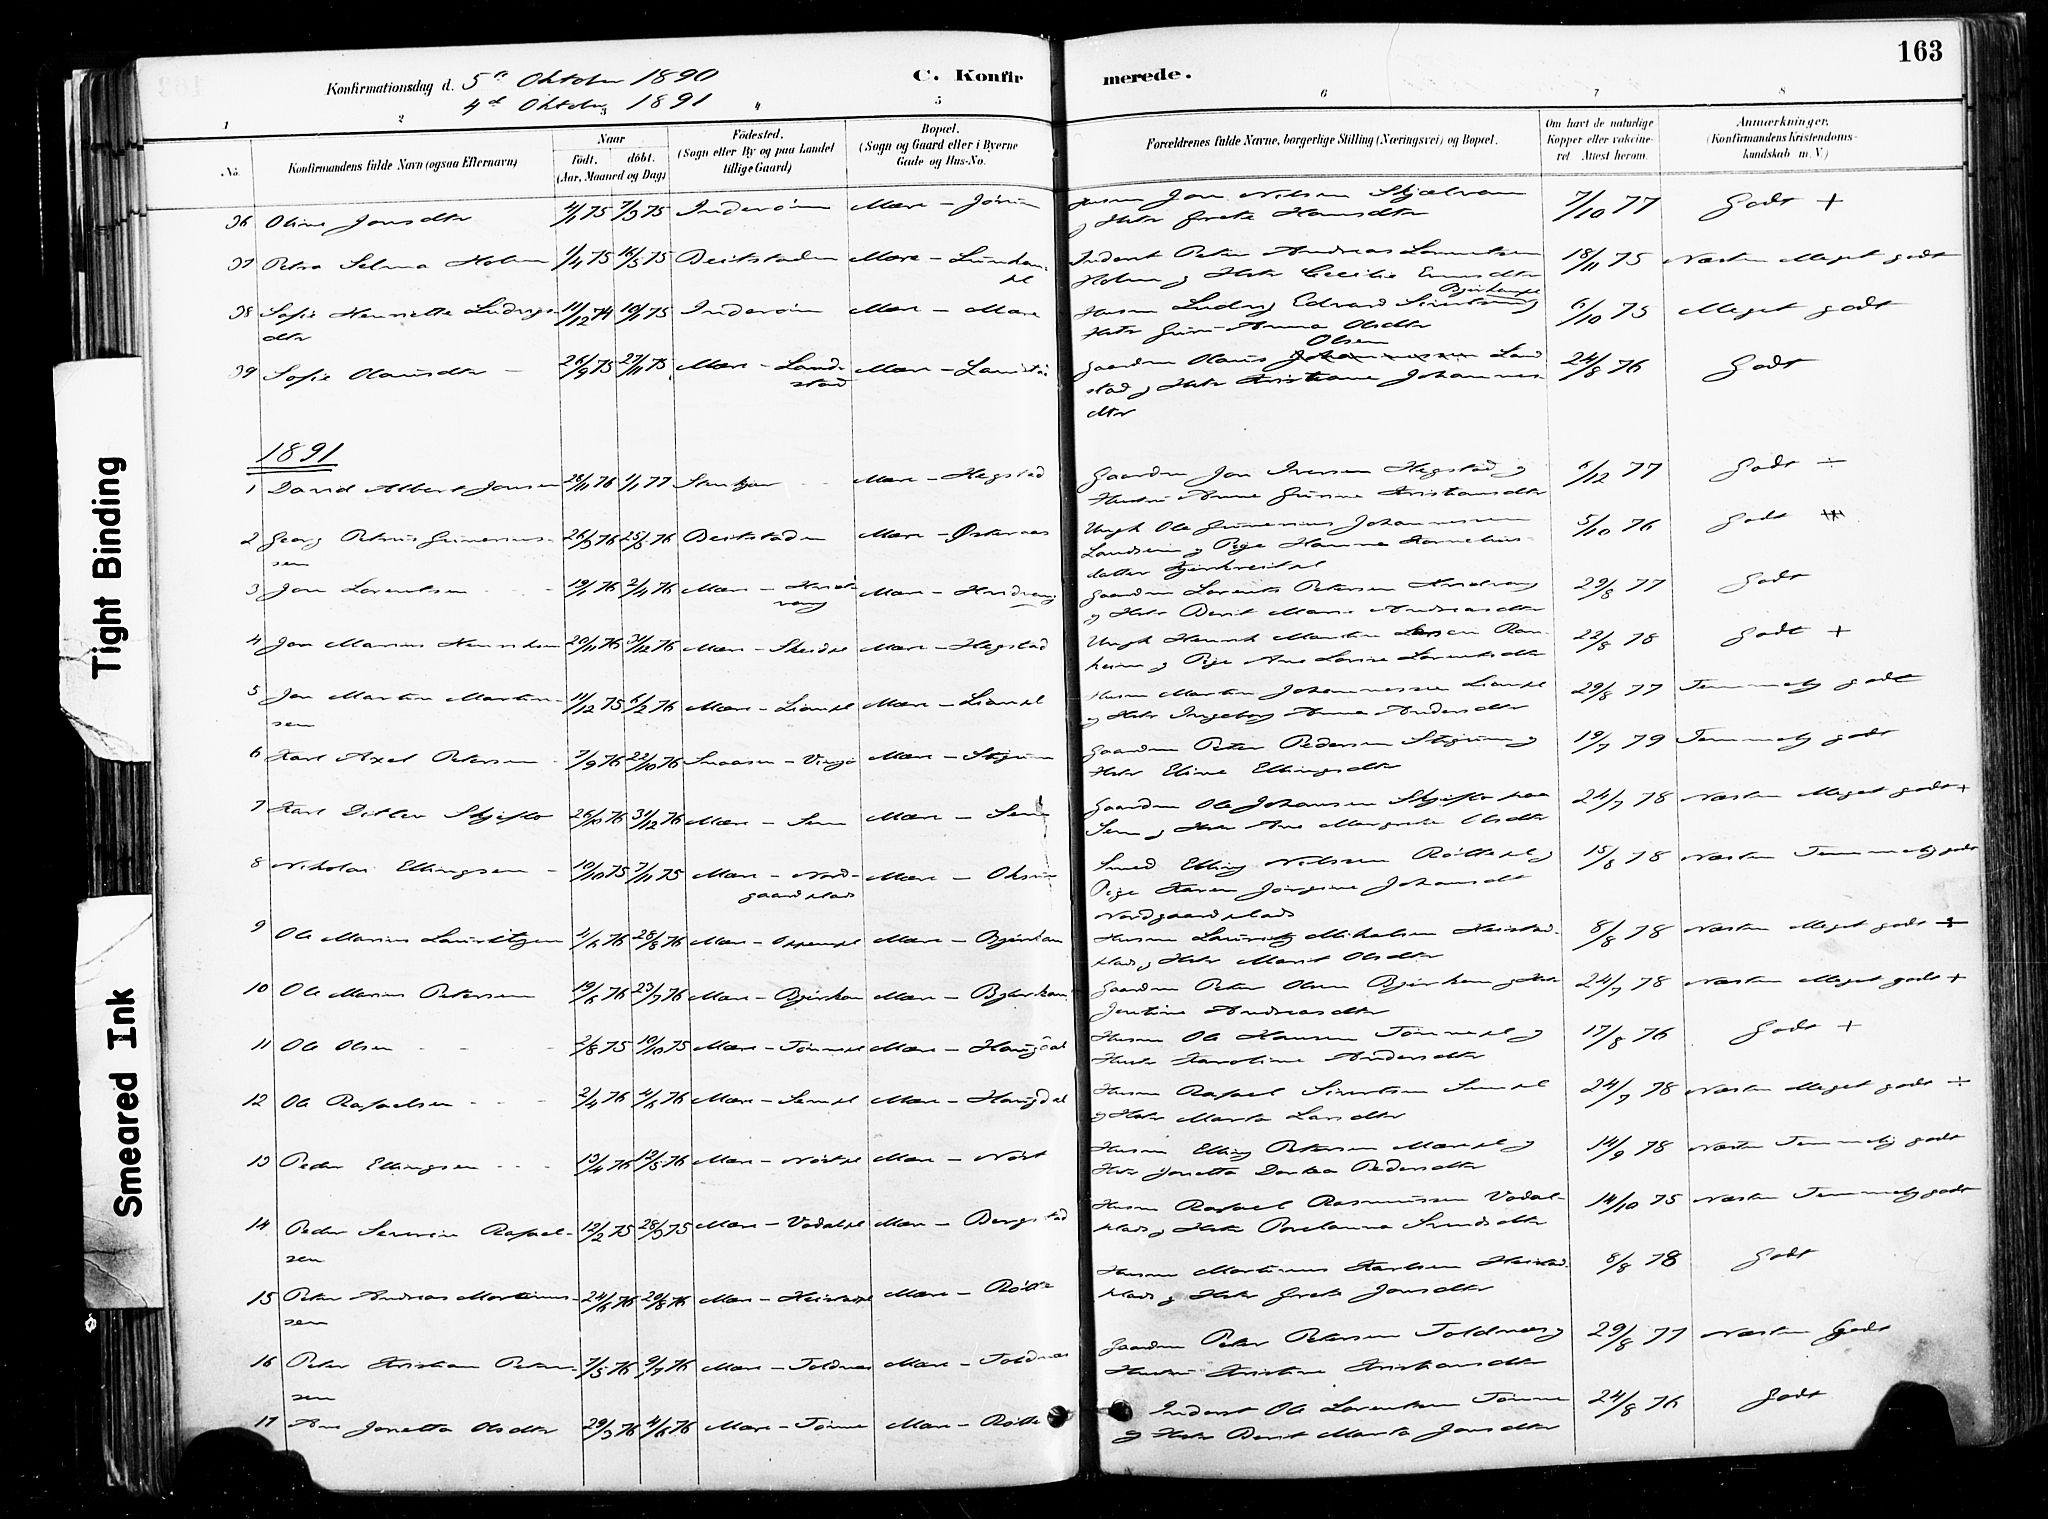 SAT, Ministerialprotokoller, klokkerbøker og fødselsregistre - Nord-Trøndelag, 735/L0351: Ministerialbok nr. 735A10, 1884-1908, s. 163